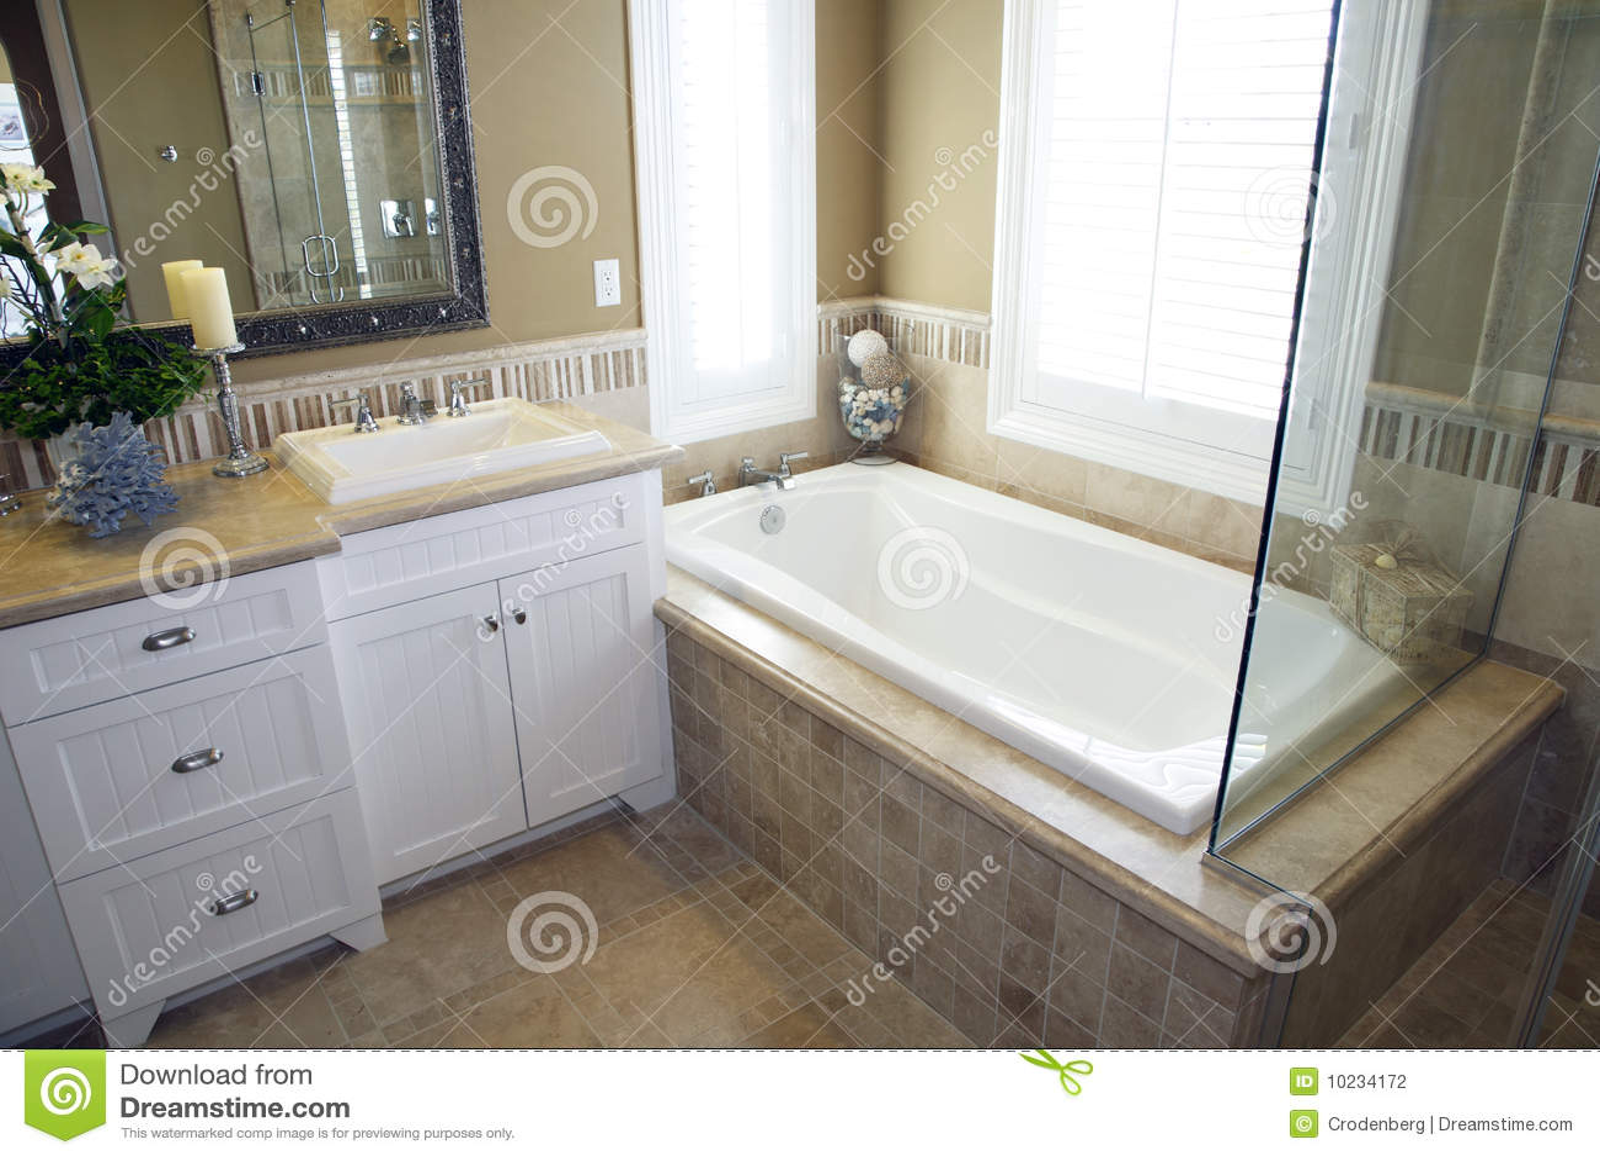 Cuarto de ba o con una tina moderna foto de archivo for Banos con tina y ducha